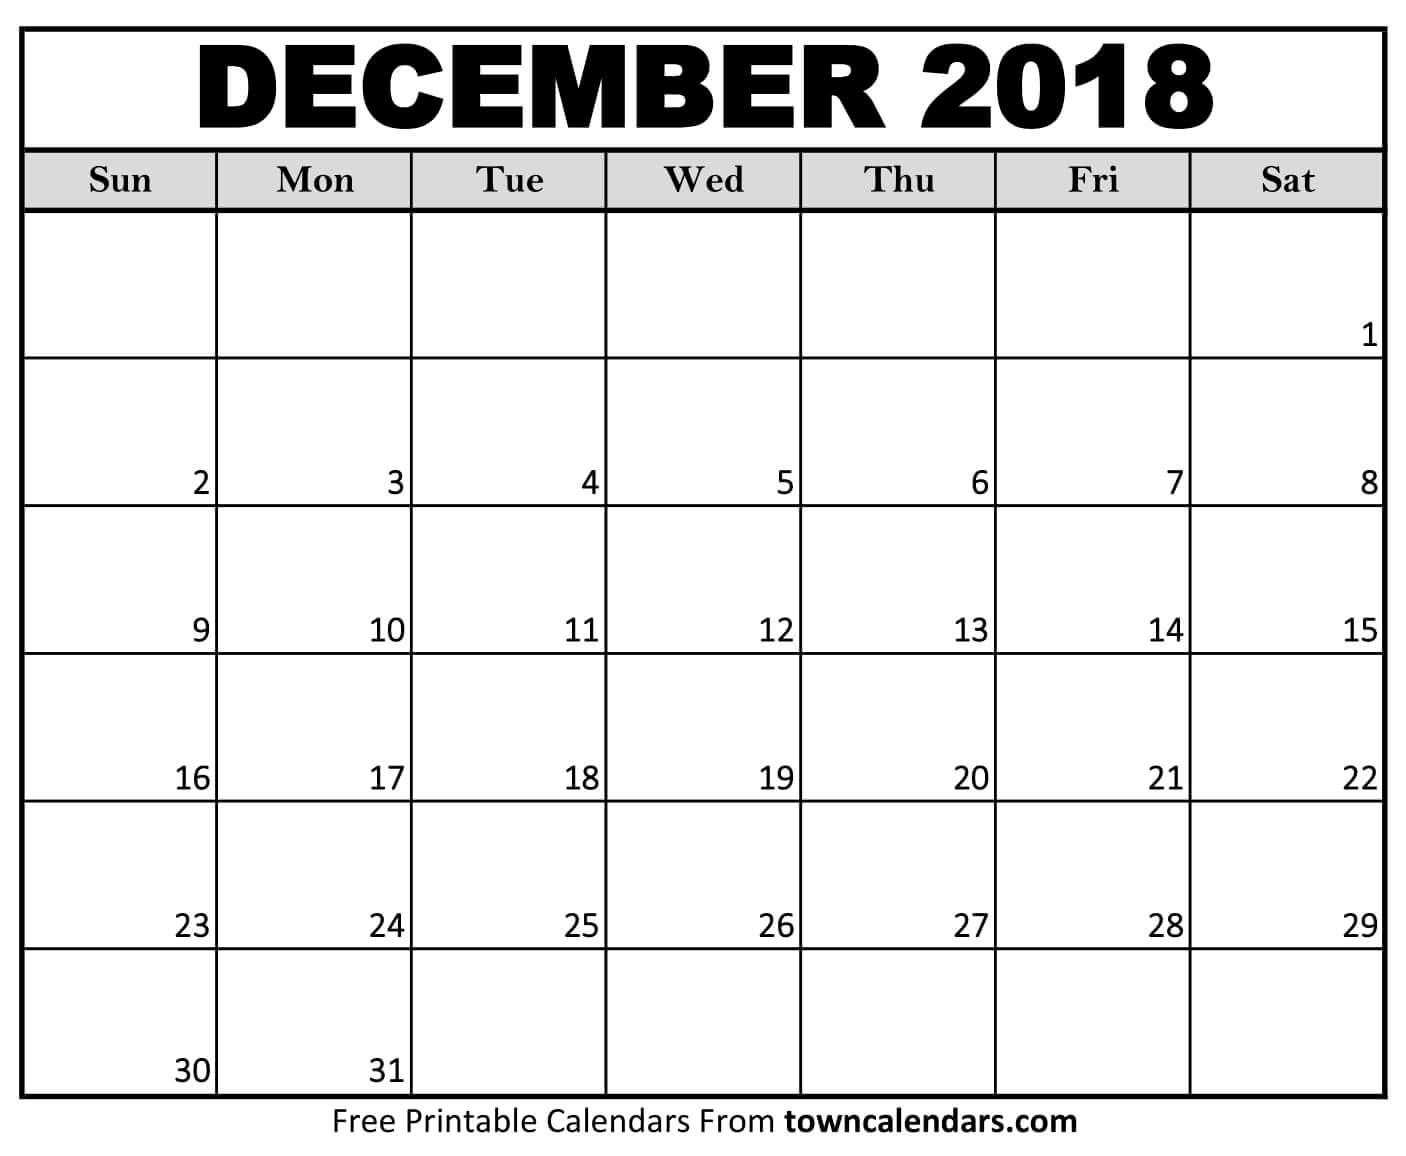 Printable December 2018 Calendar - towncalendars.com towncalendars.com Printable December 2018 Calendar